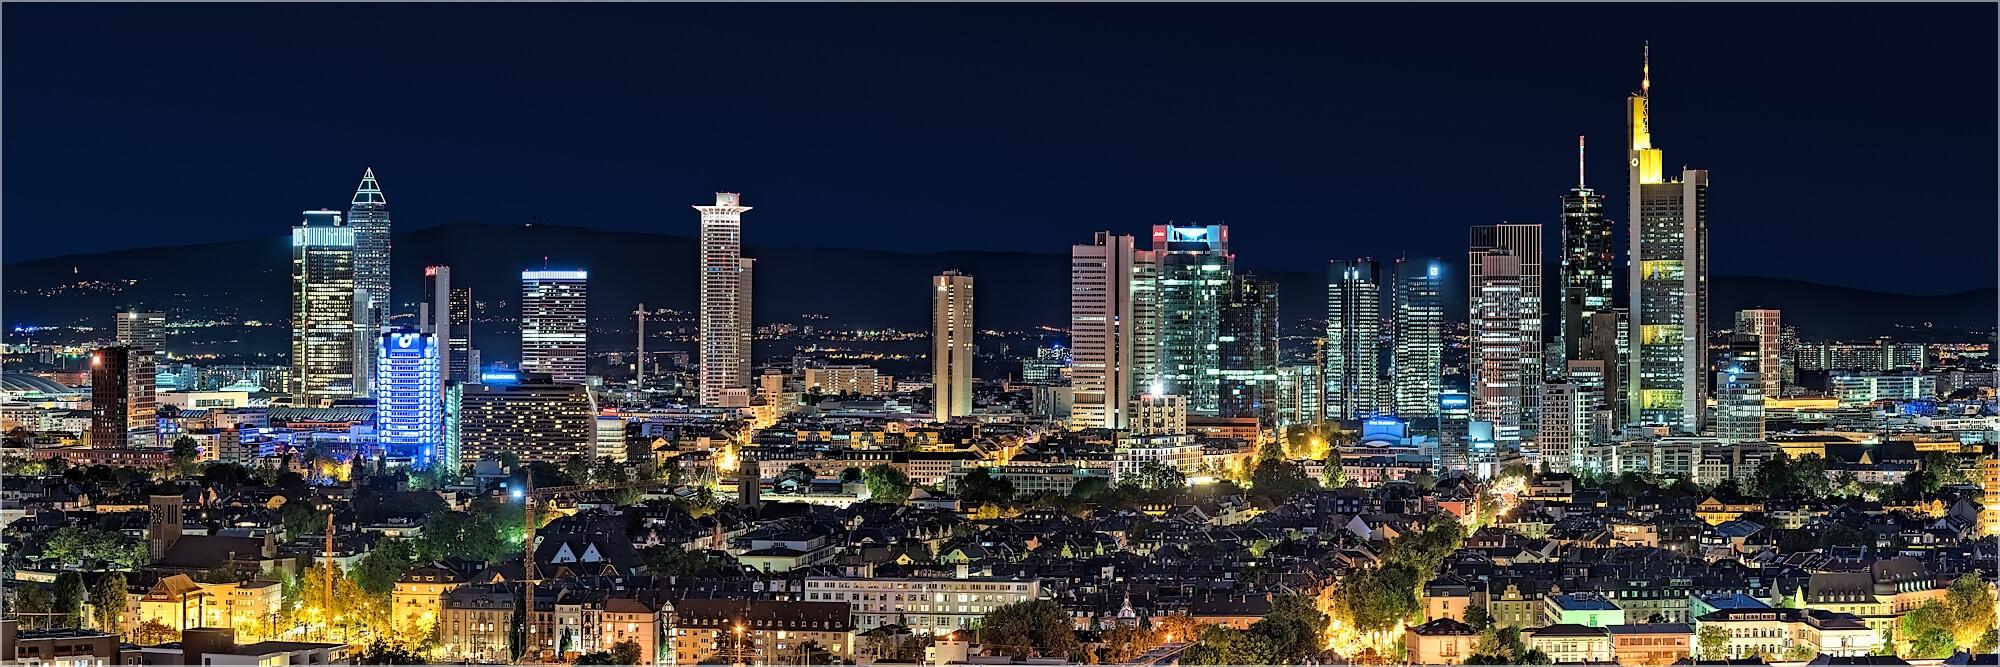 Panoramabild nächtliche Skyline von Frankfurt/Main